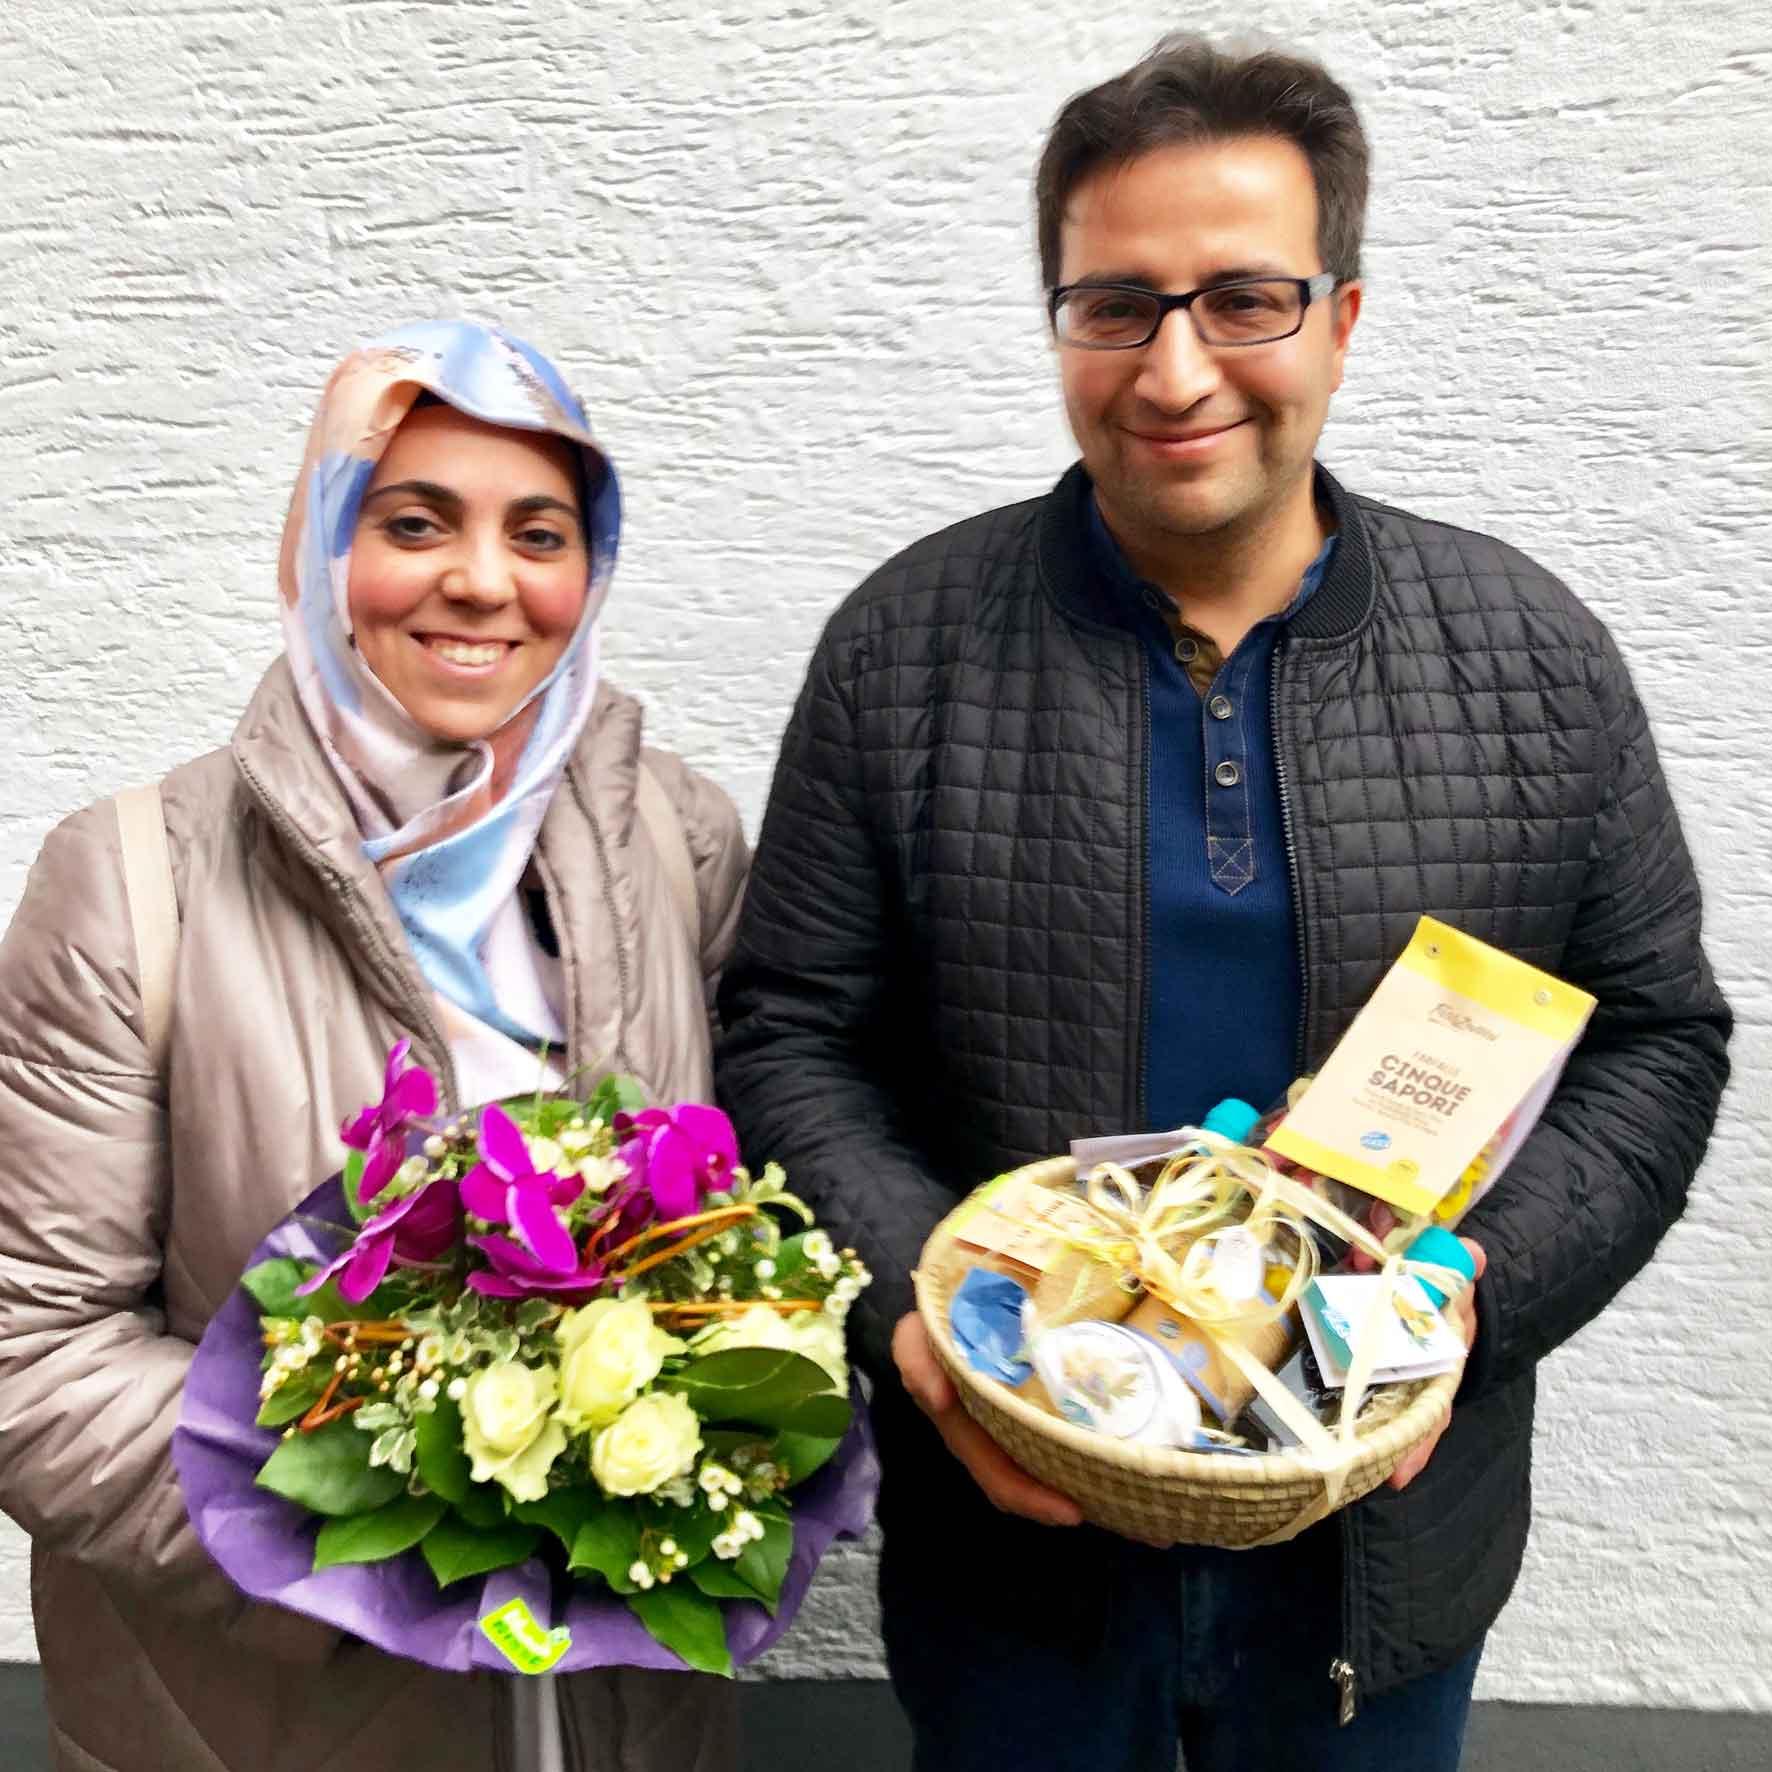 Zufriedene Immobilieneigentümer in Köln Immobilienmakler Köln nach erfolgreichem Notartermin mit überreichtem Blumenstrauß und Geschenkekorb